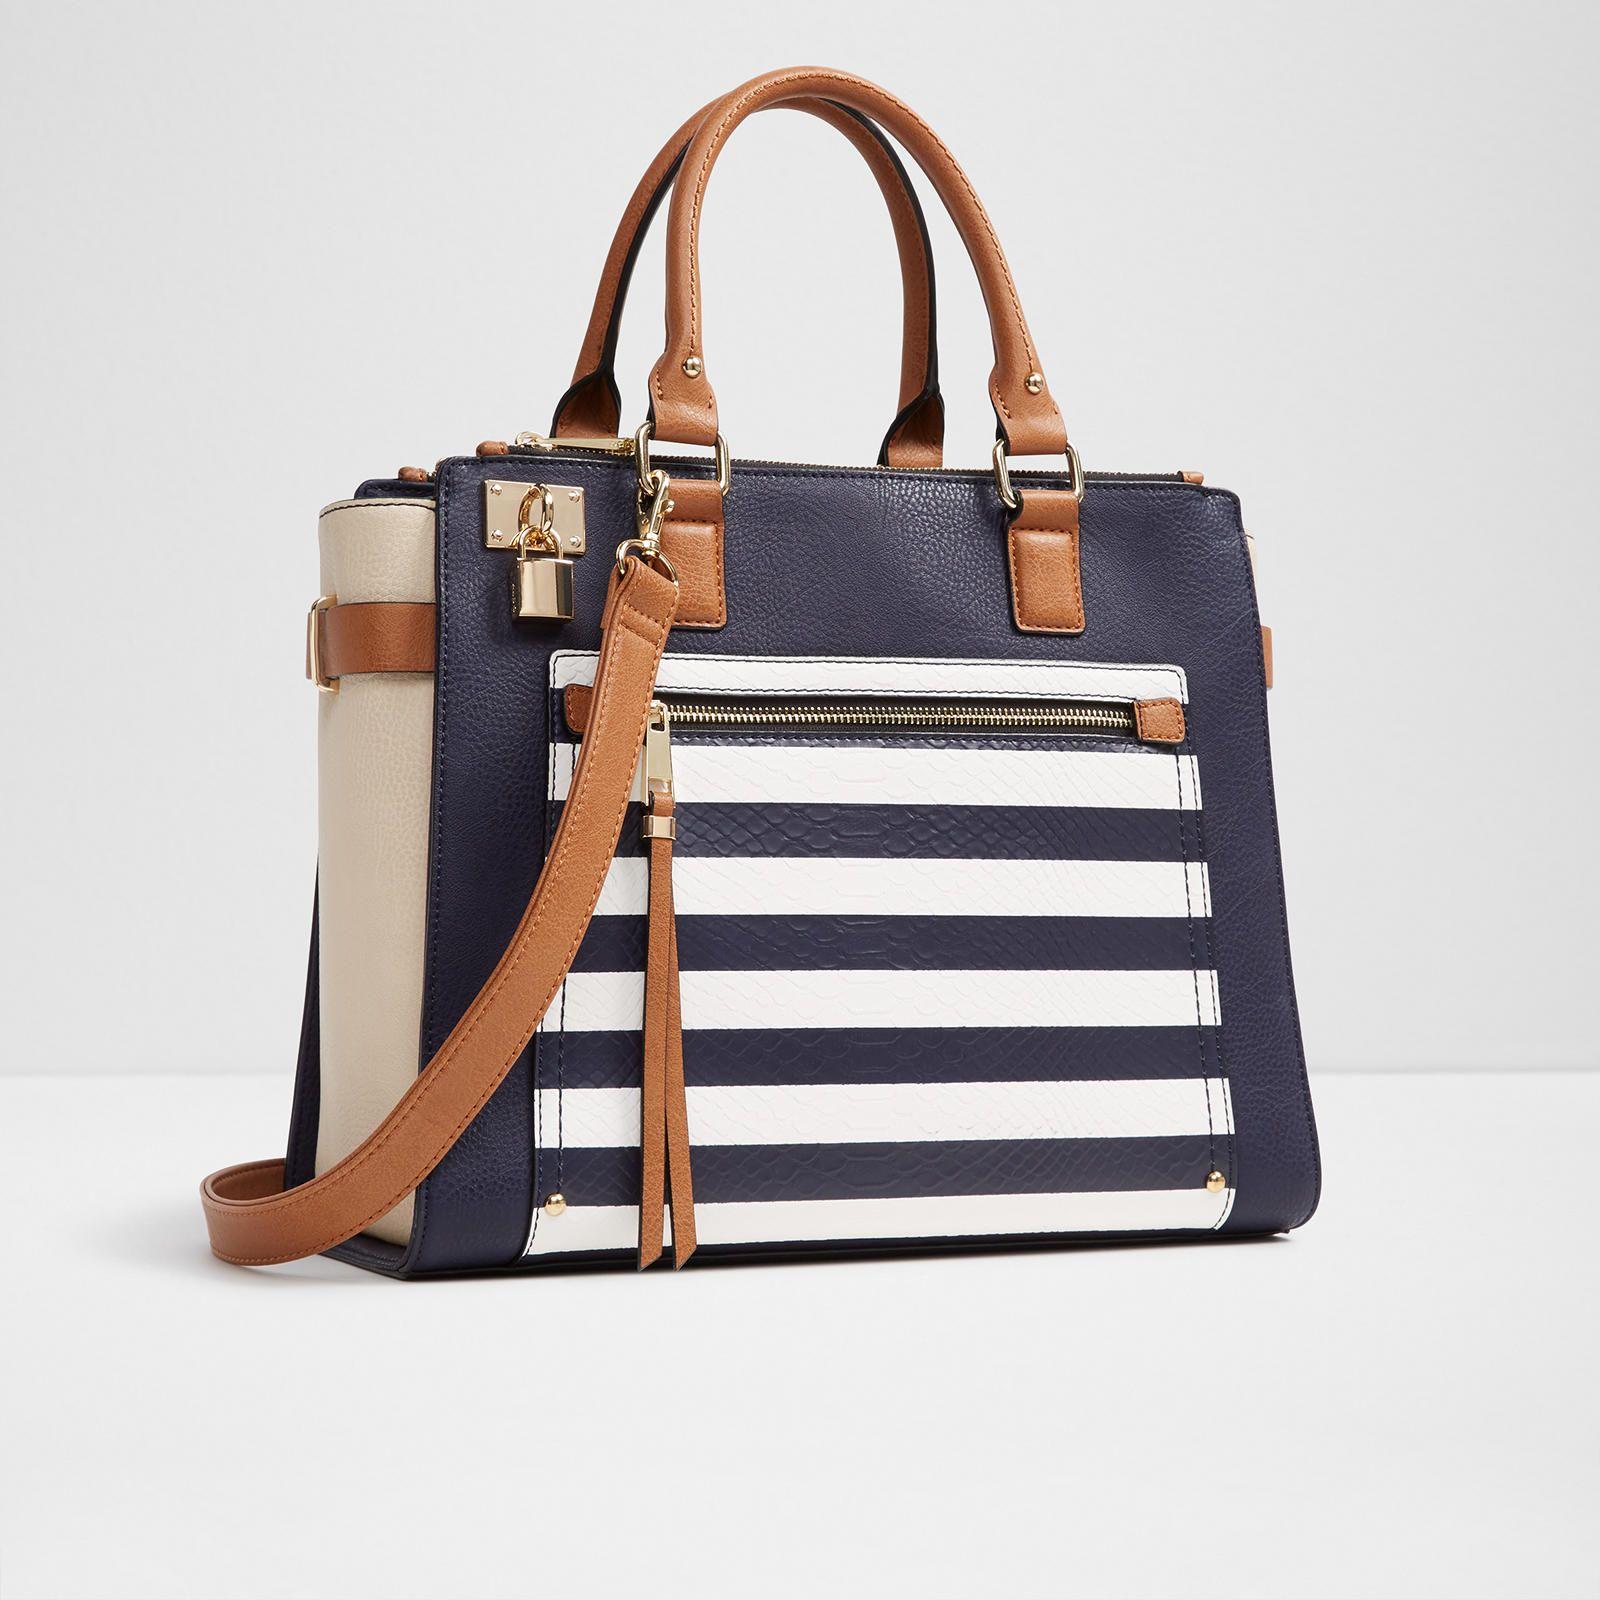 47d3825e1b6 Hutcheon Bags